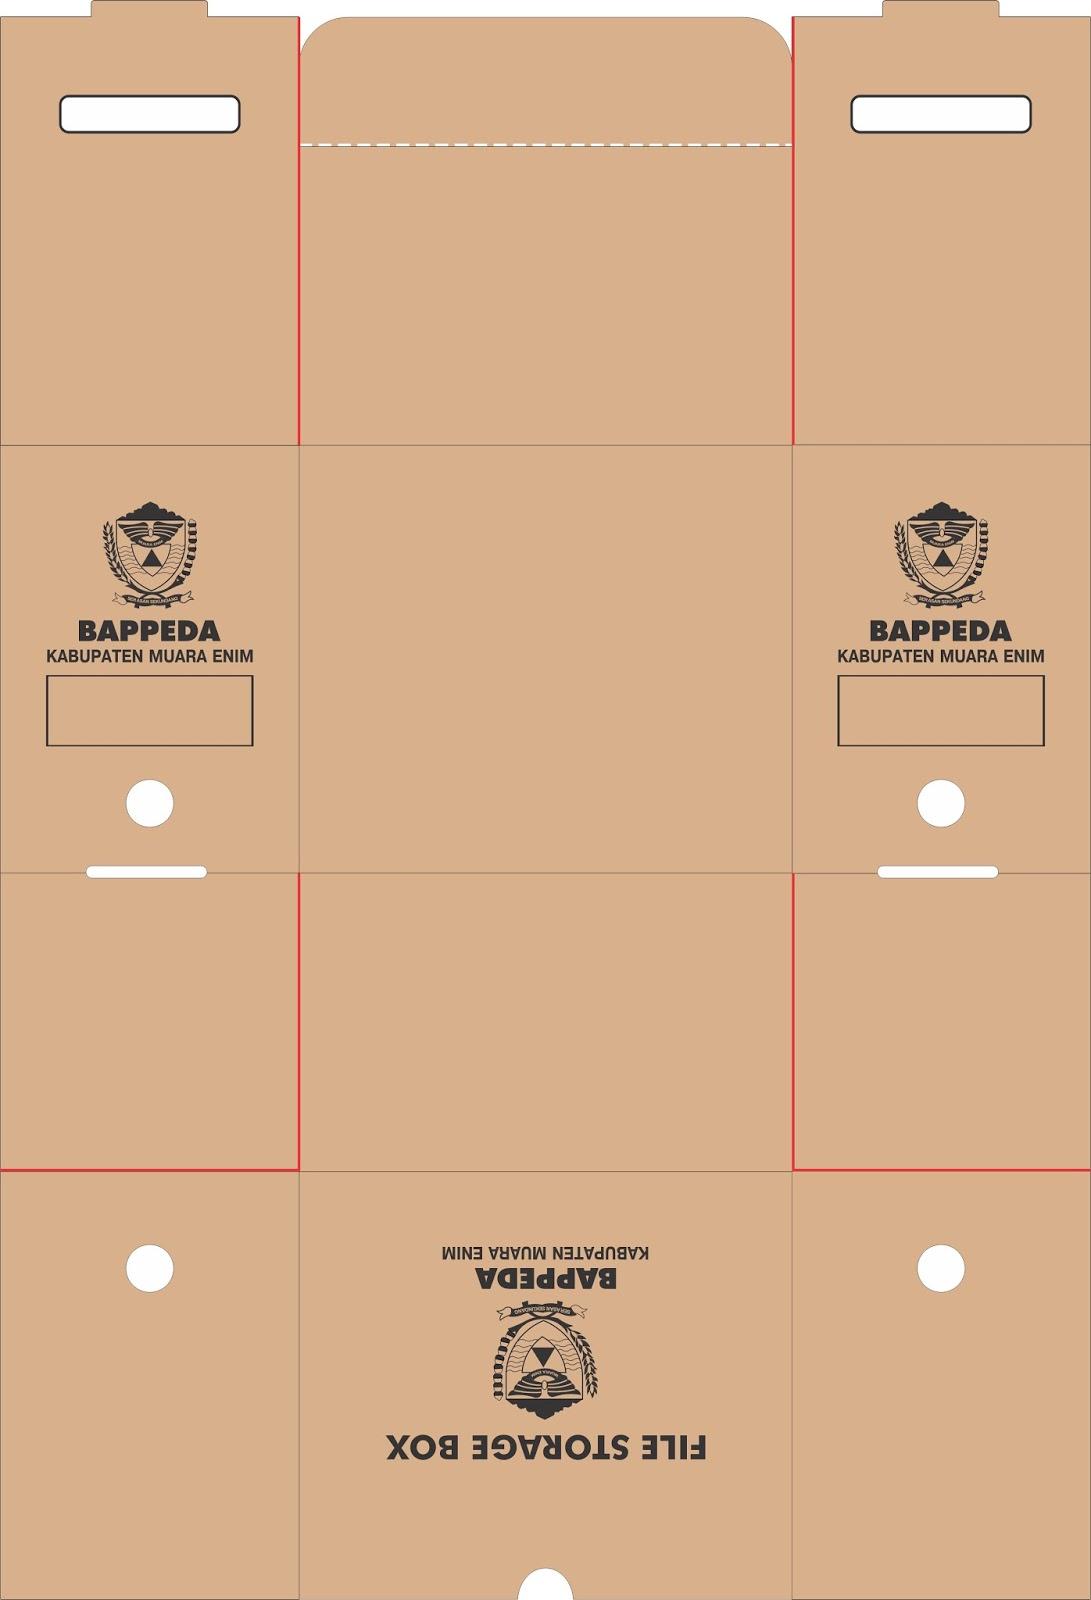 Box Harga Tersebut Tidak Termasuk Desain Jika Ada Ase Bahan Menggunakan Flute Browncraft Paper Material Bflute Apte Tinta Satu Atau Dou Warna